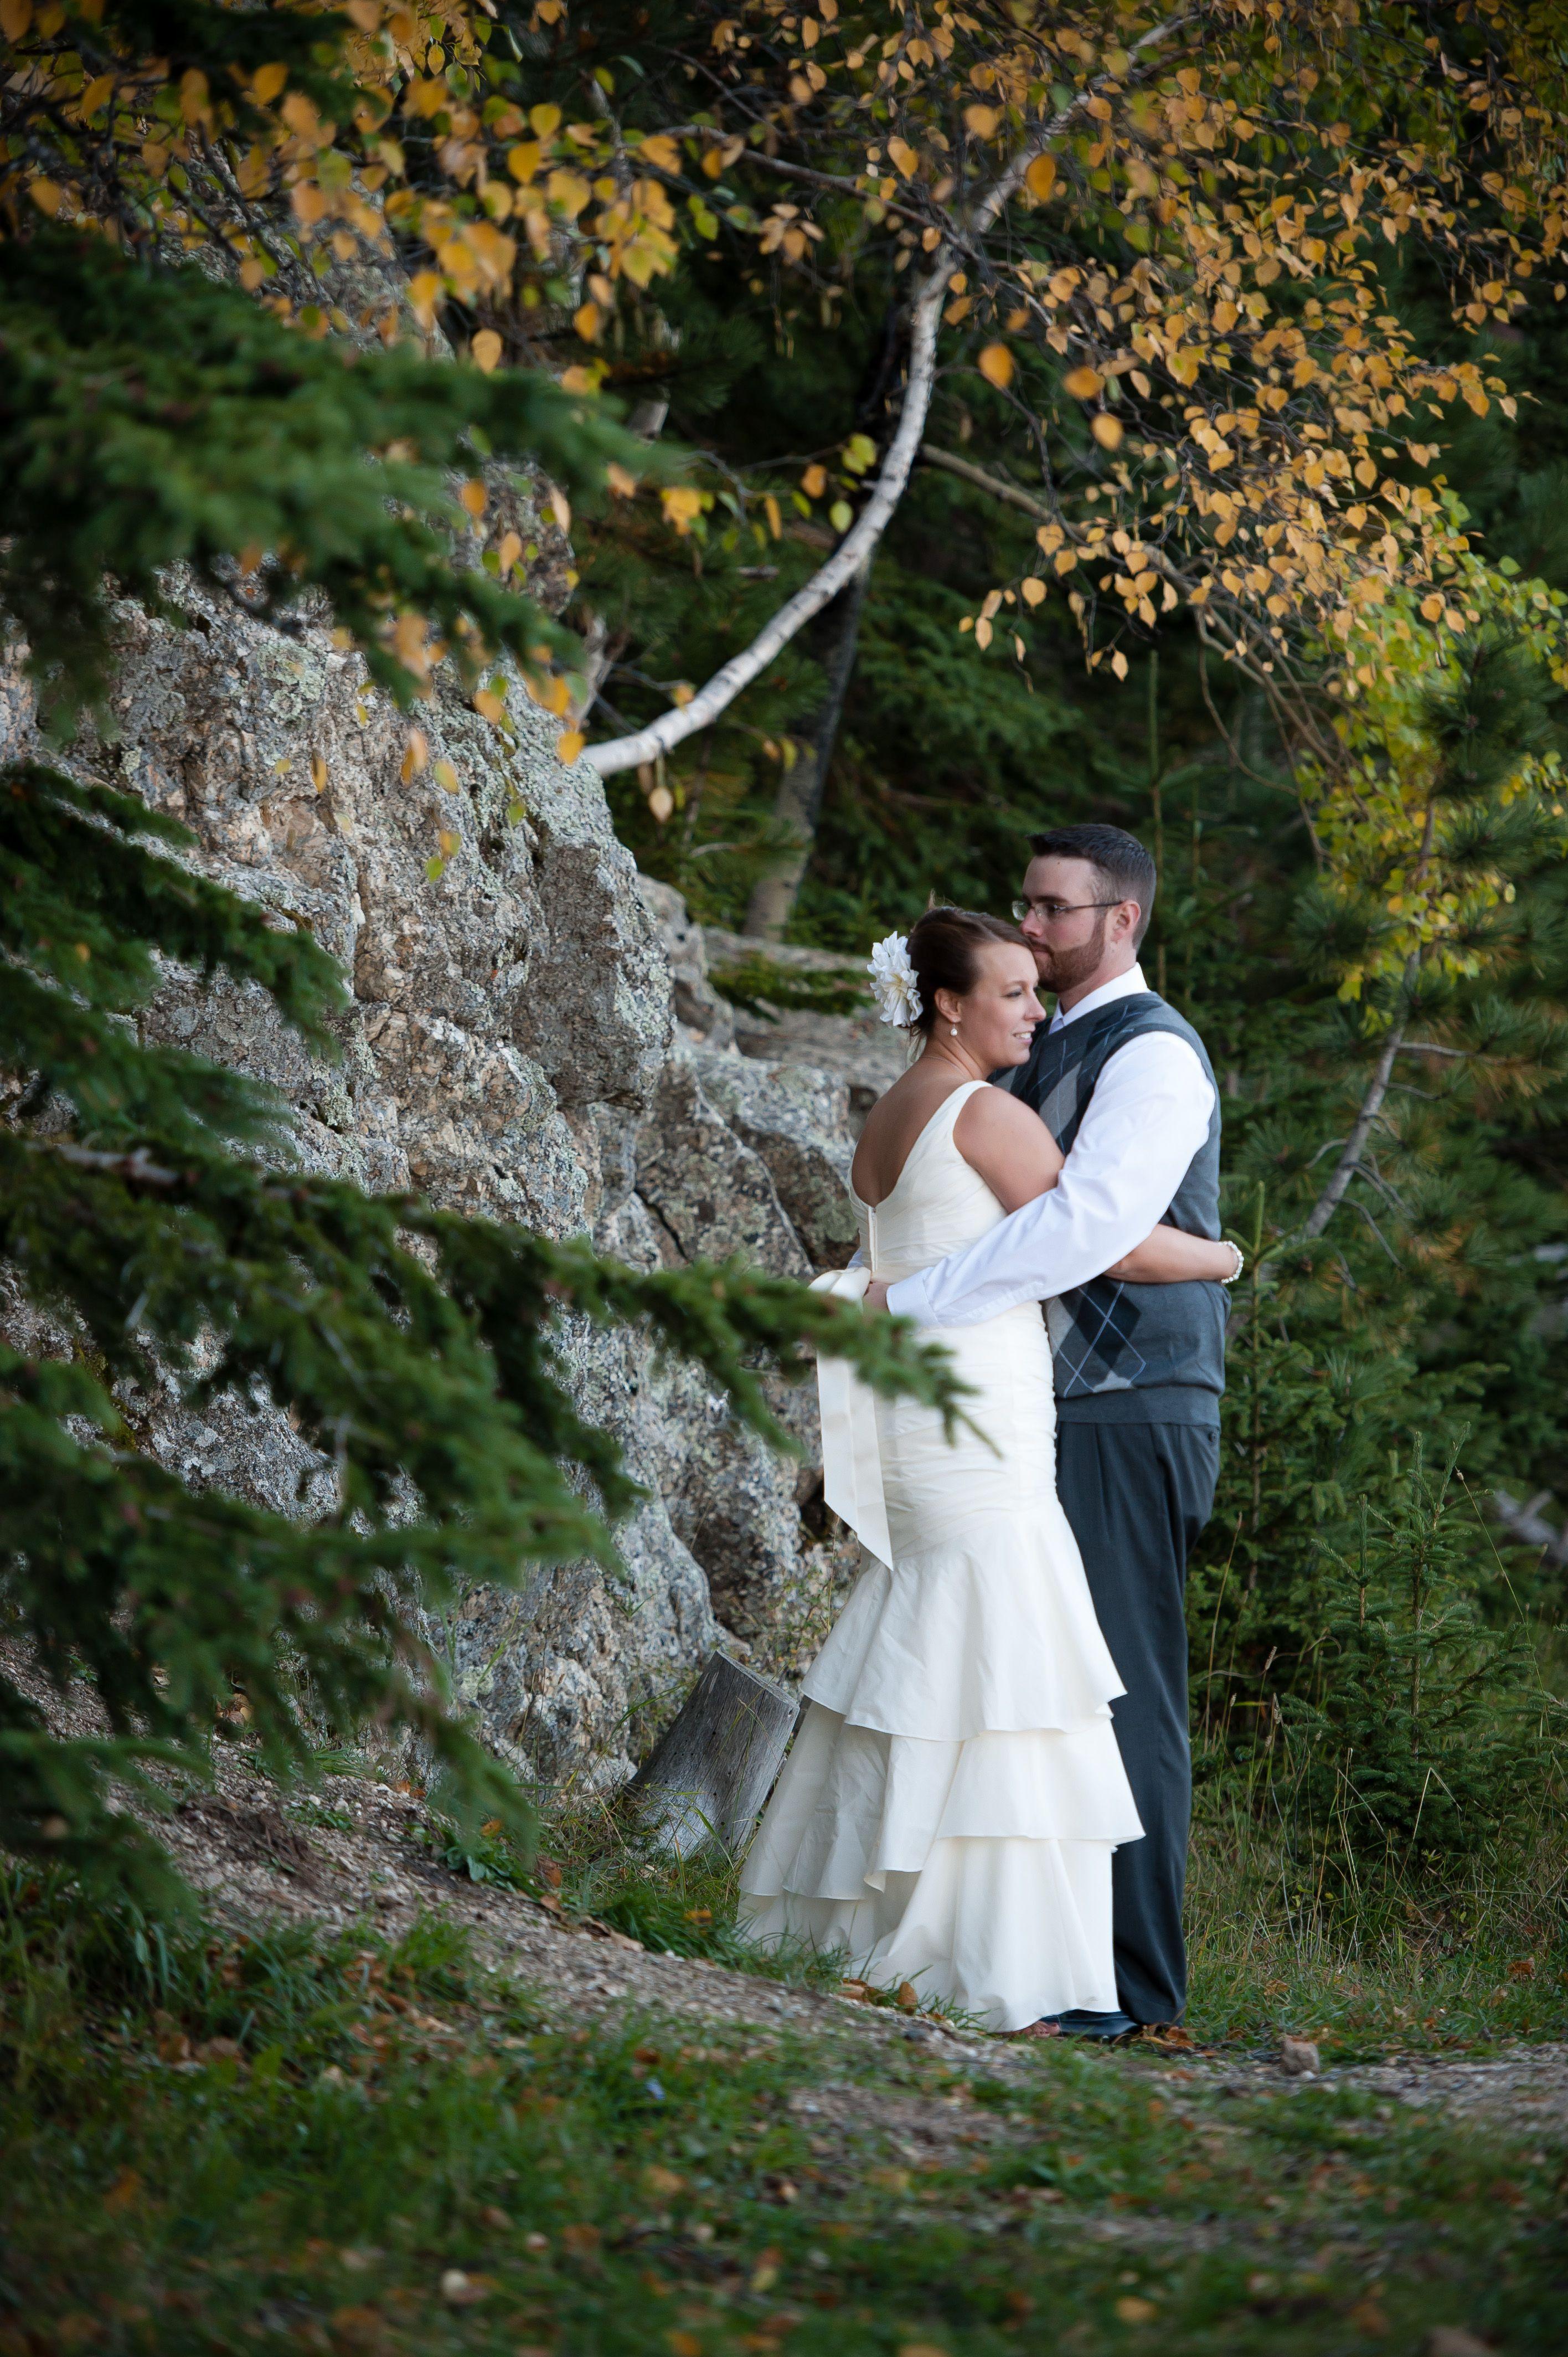 Autumn wedding photo wedding ideas pinterest autumn